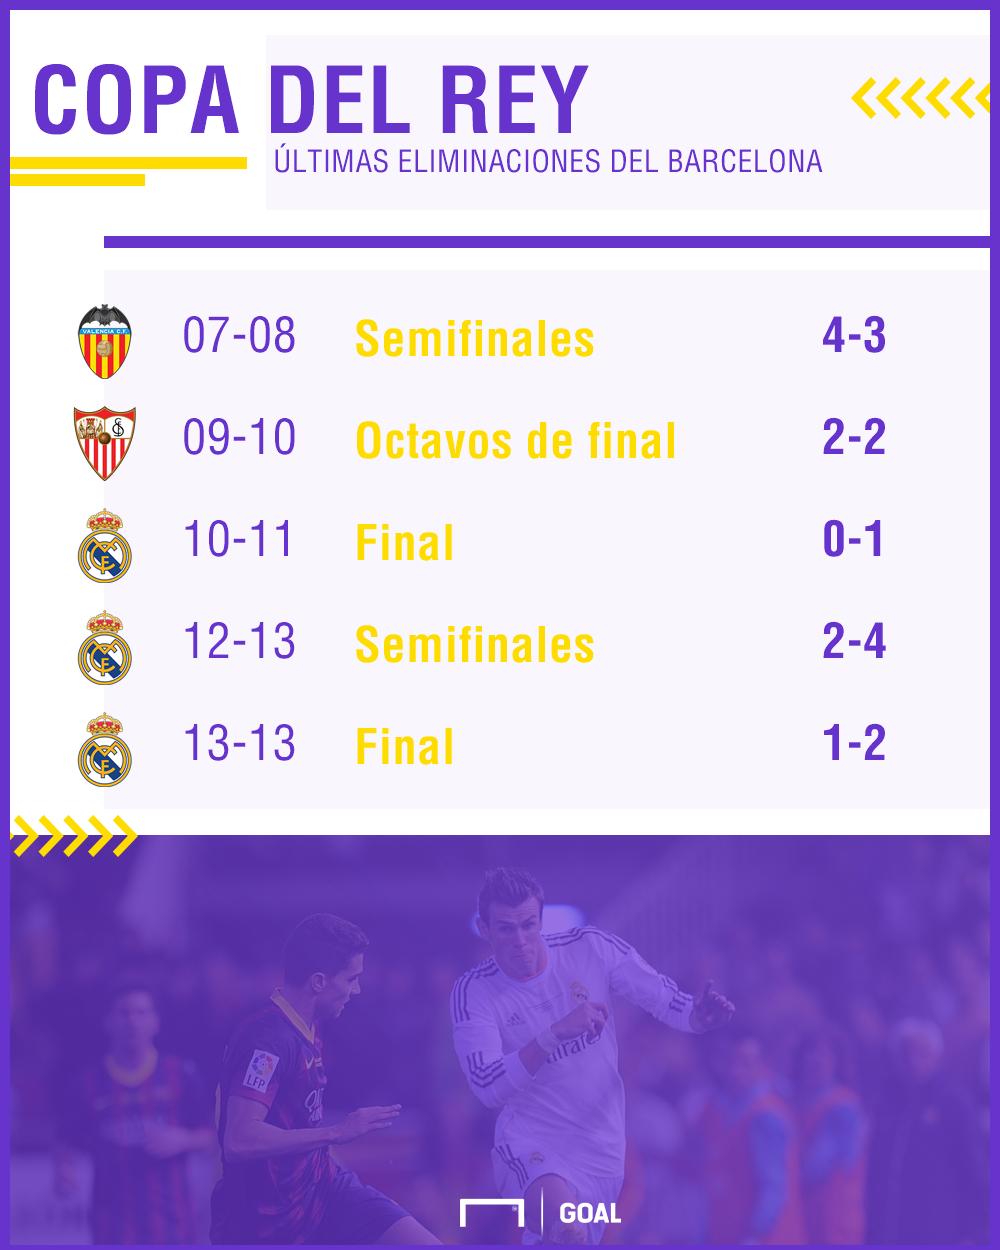 El Valencia disputará su trigesimotercera semifinal de Copa